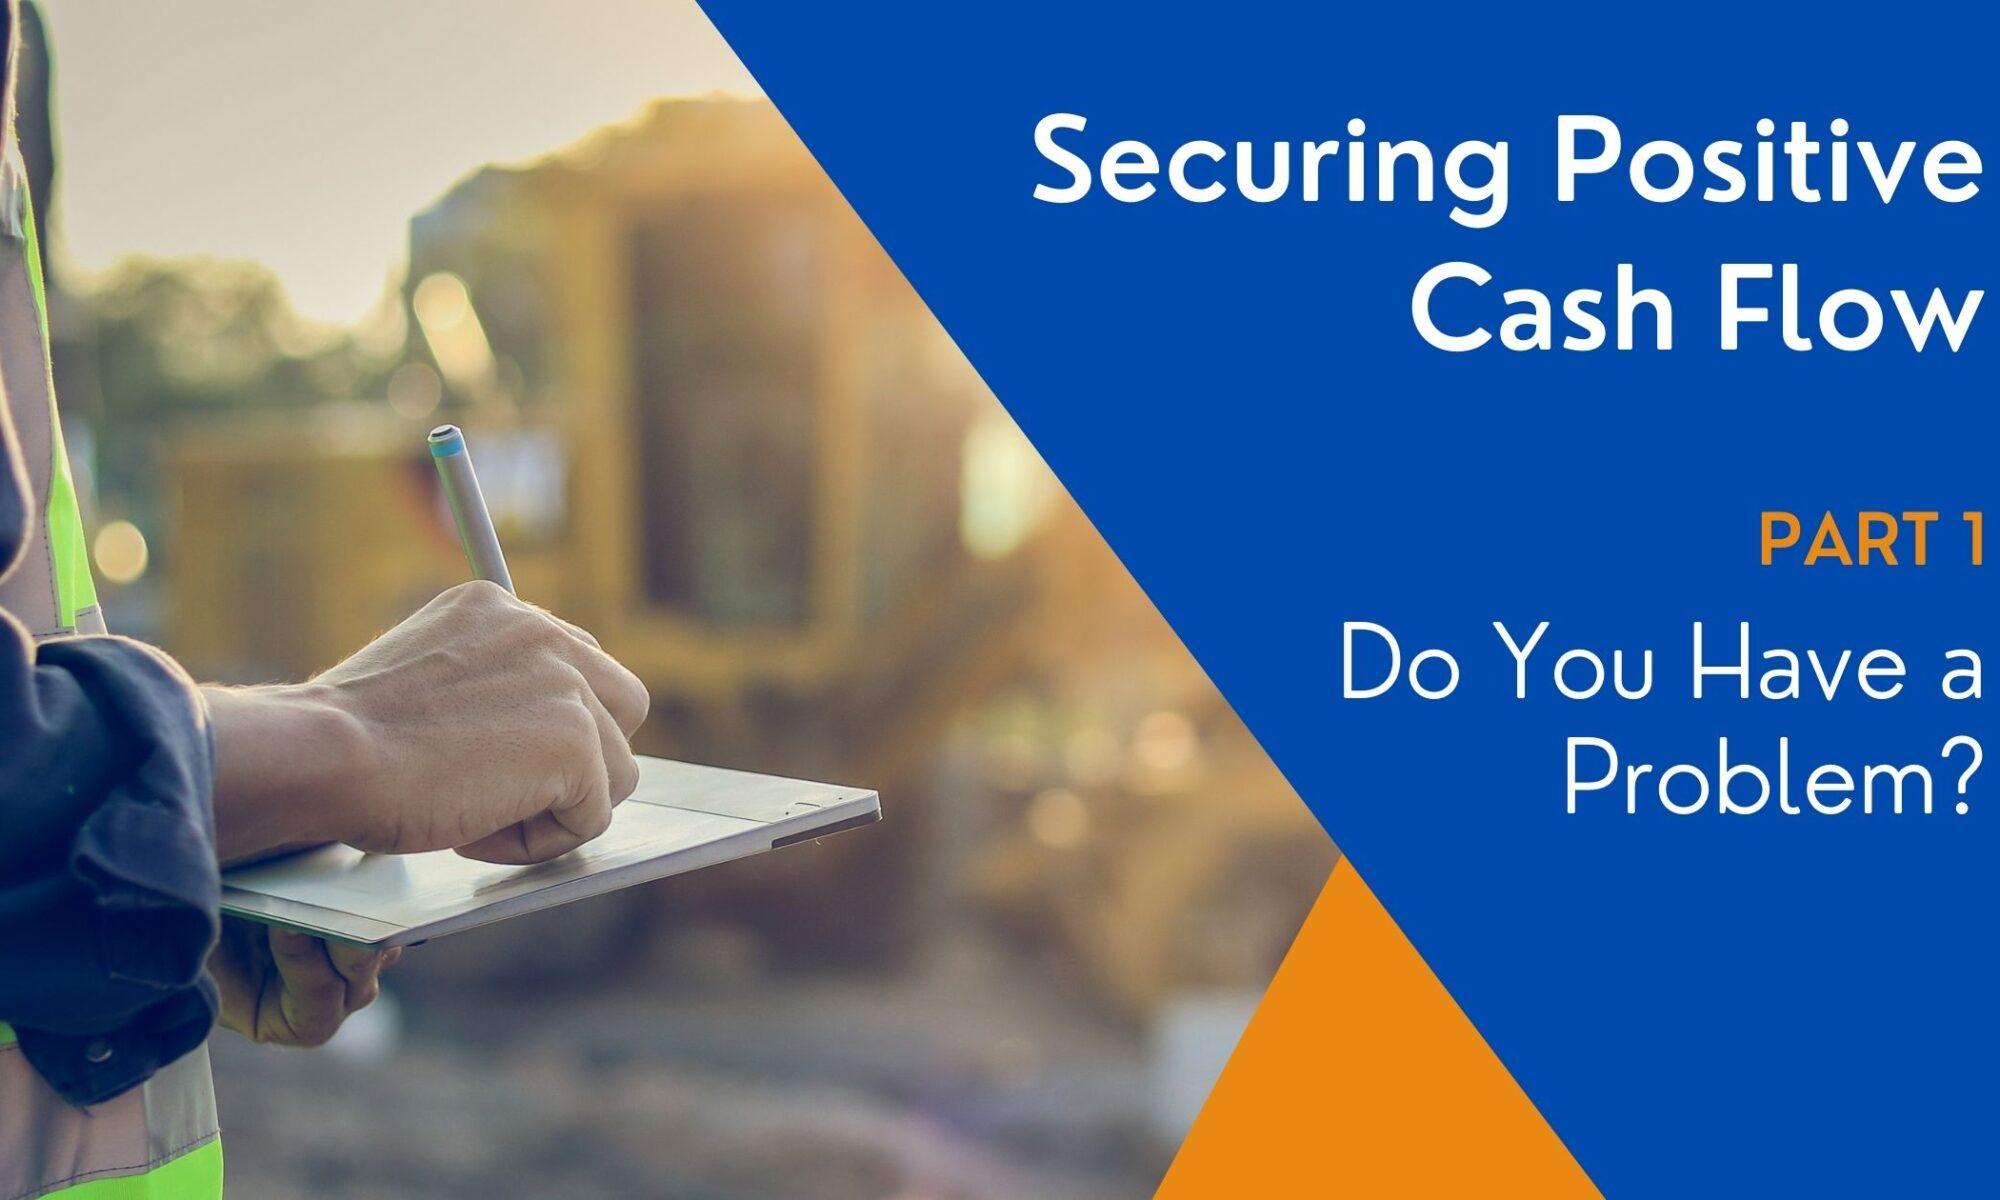 Securing Positive Cash Flow Part 1 Do You Have a Problem?